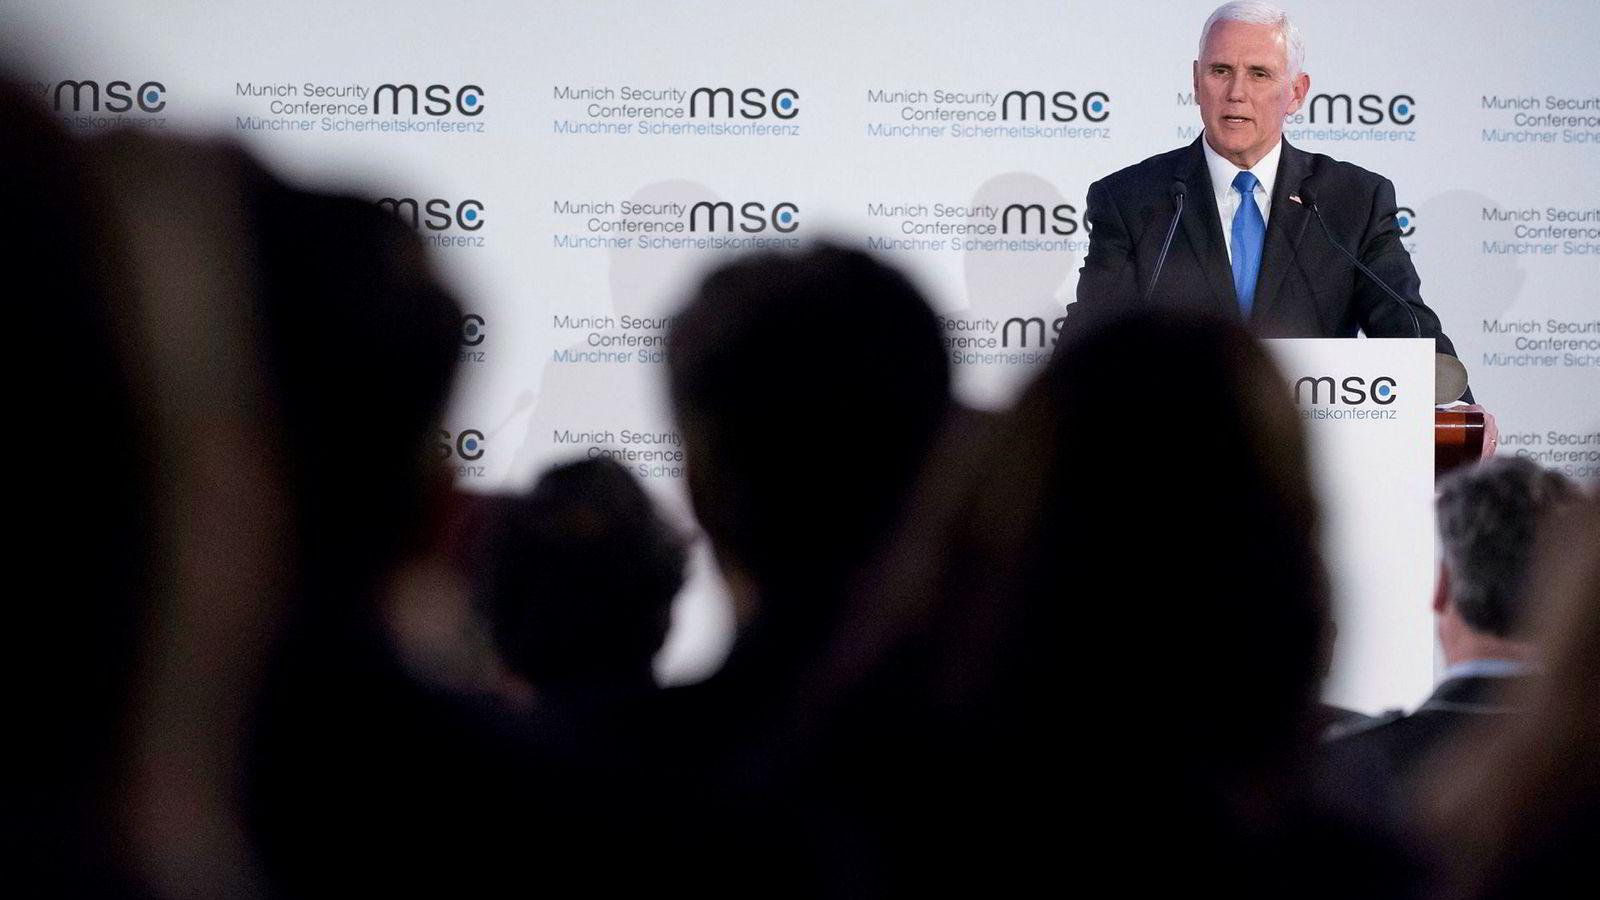 USAs visepresident Mike Pence var skarp og formanende overfor europeiske allierte under sikkerhetskonferansen i München nylig.